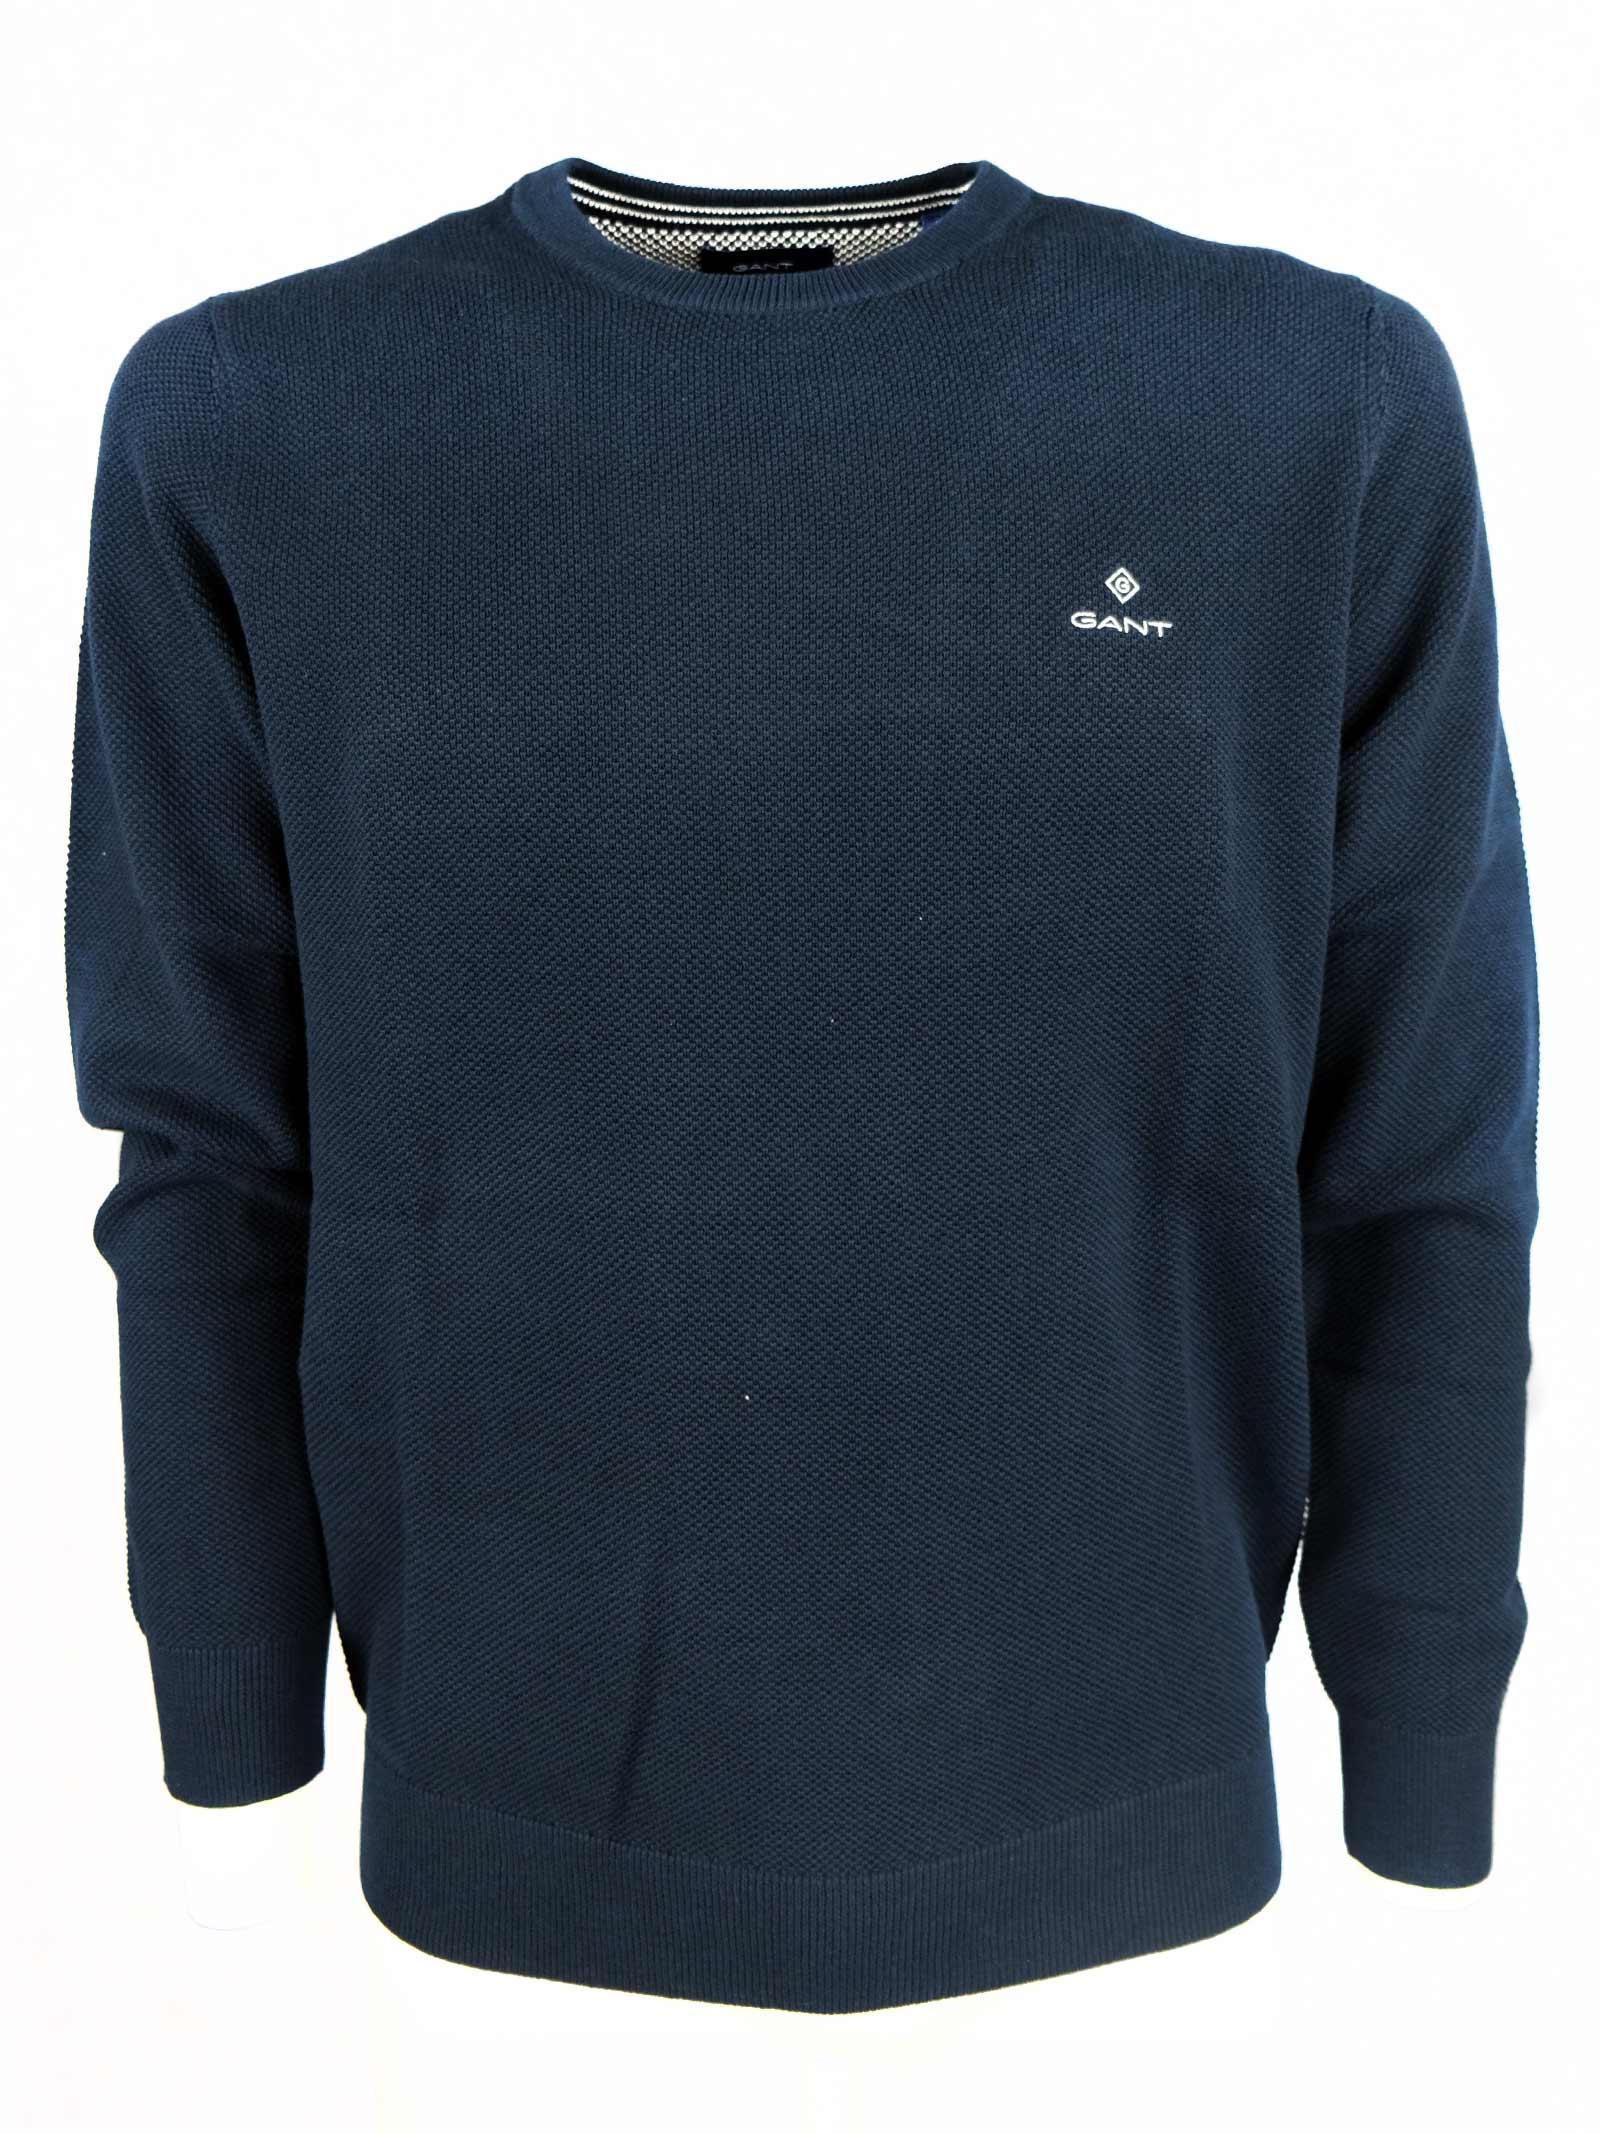 Crew neck sweater GANT | Knitwear | 8030521433